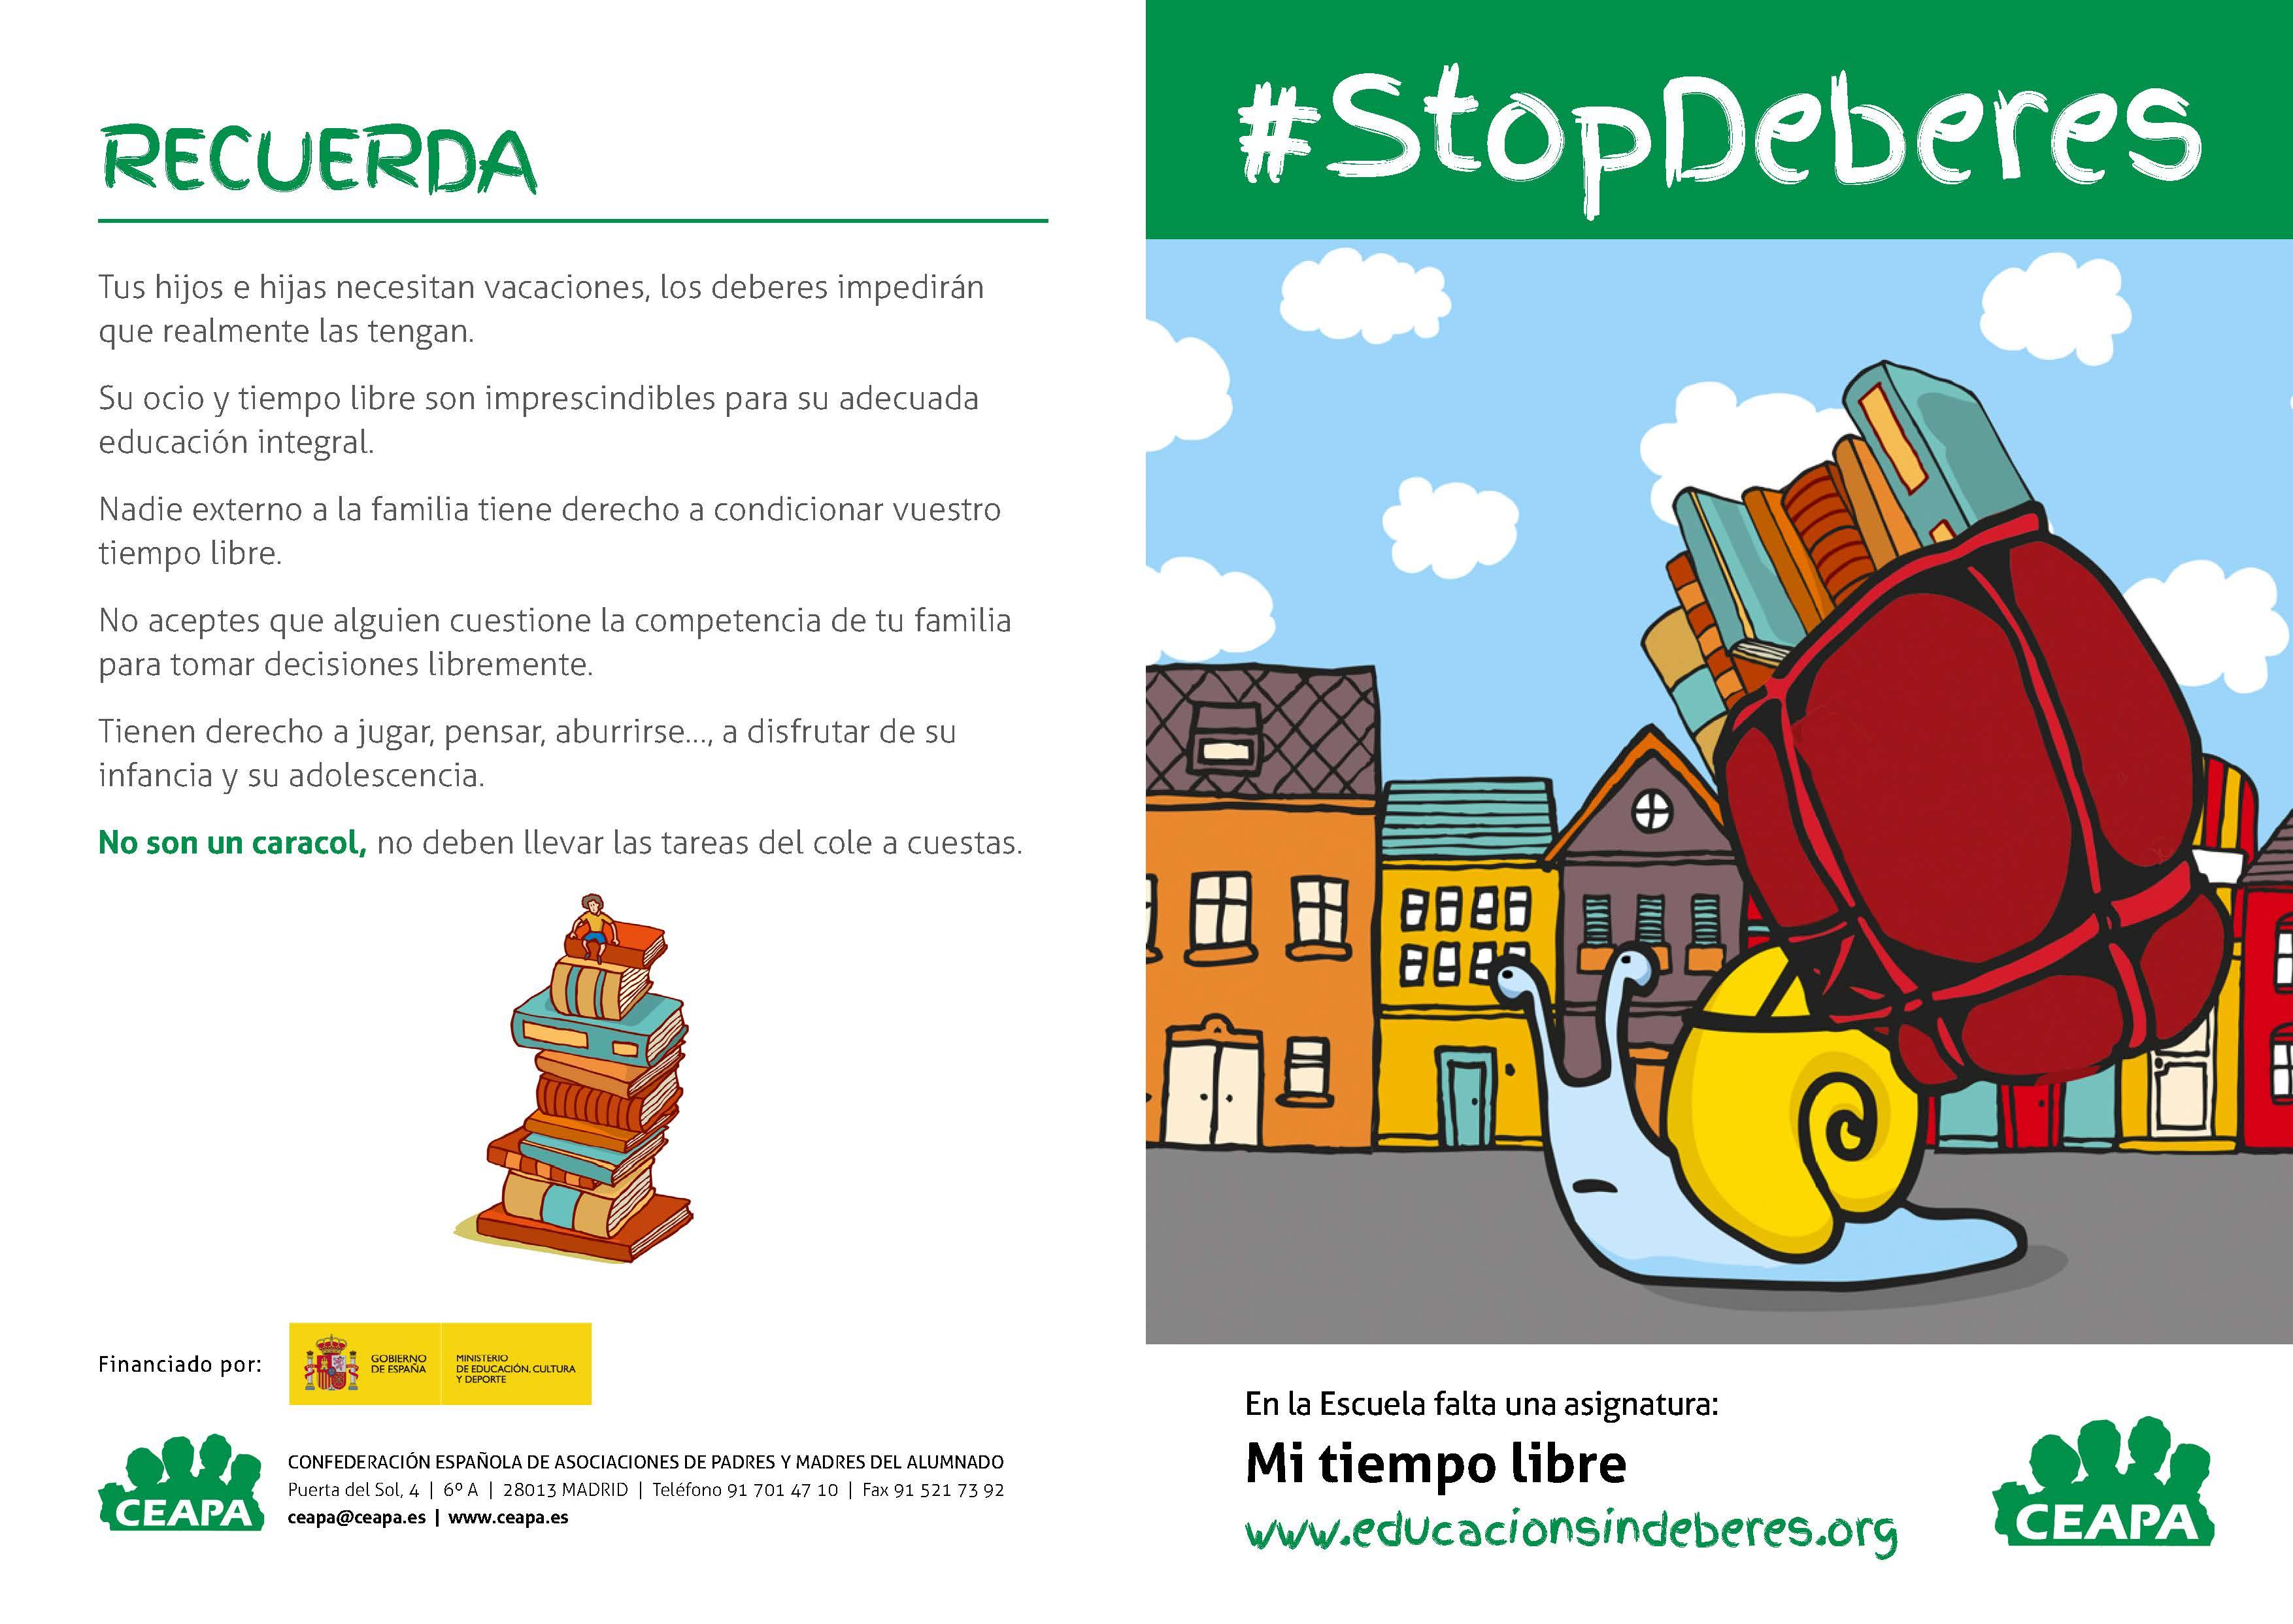 #STOPDeberes ¿o no?